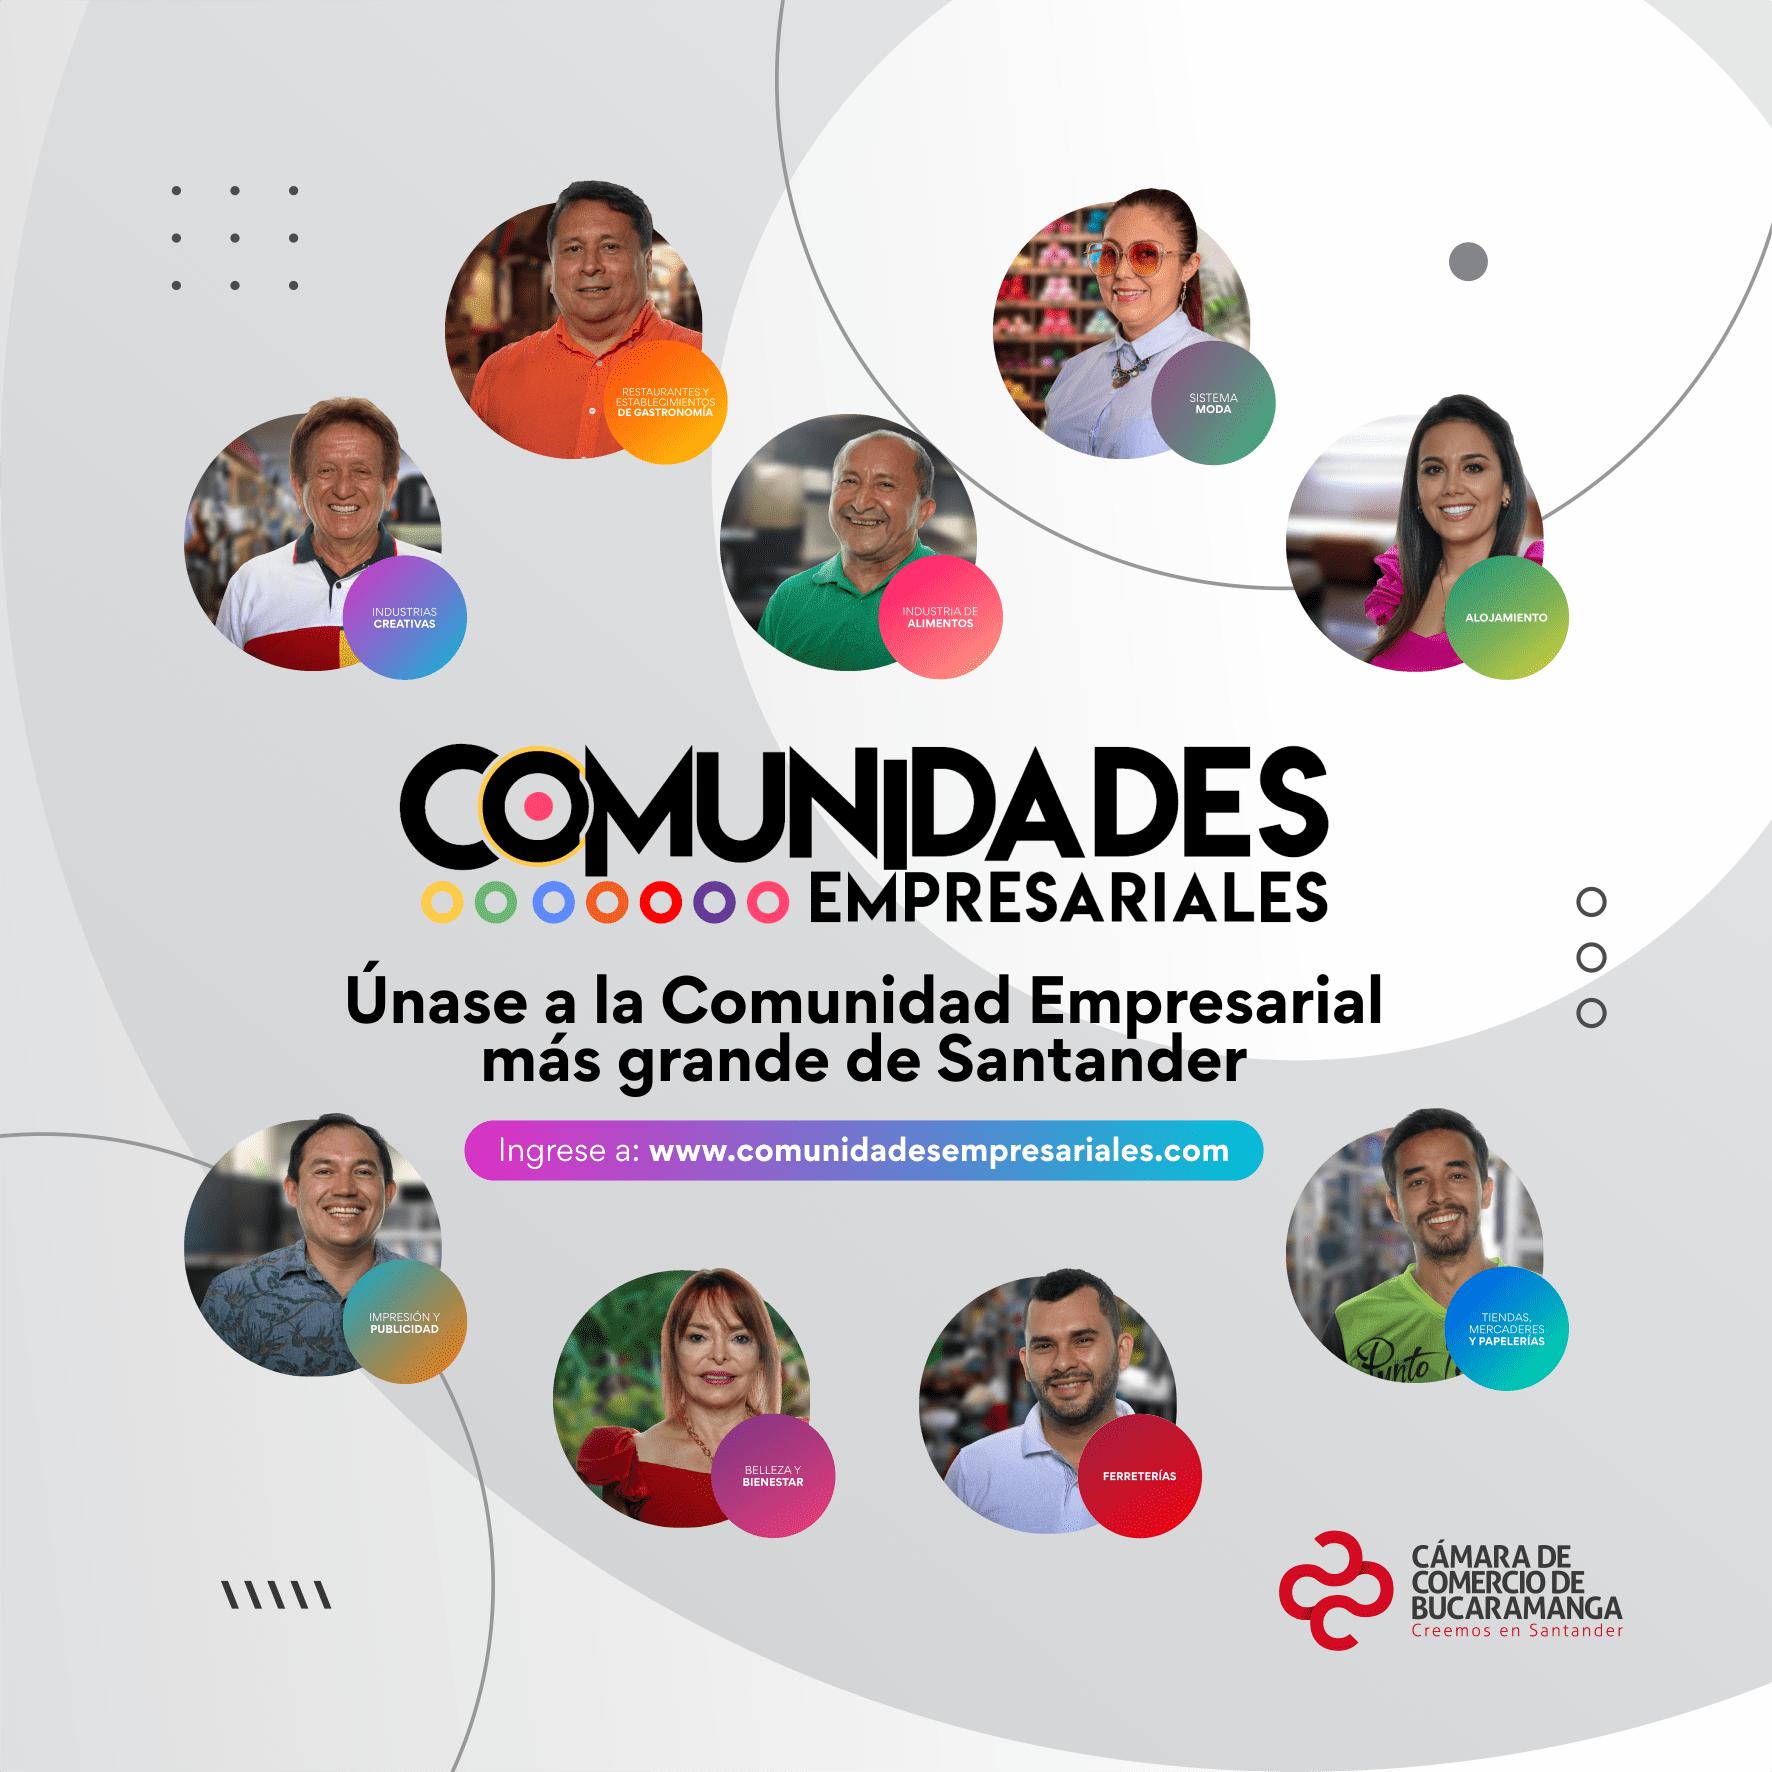 Comunidades Empresariales: una apuesta de la Cámara de Comercio de Bucaramanga para fortalecer a las micro y pequeñas empresas de Santander